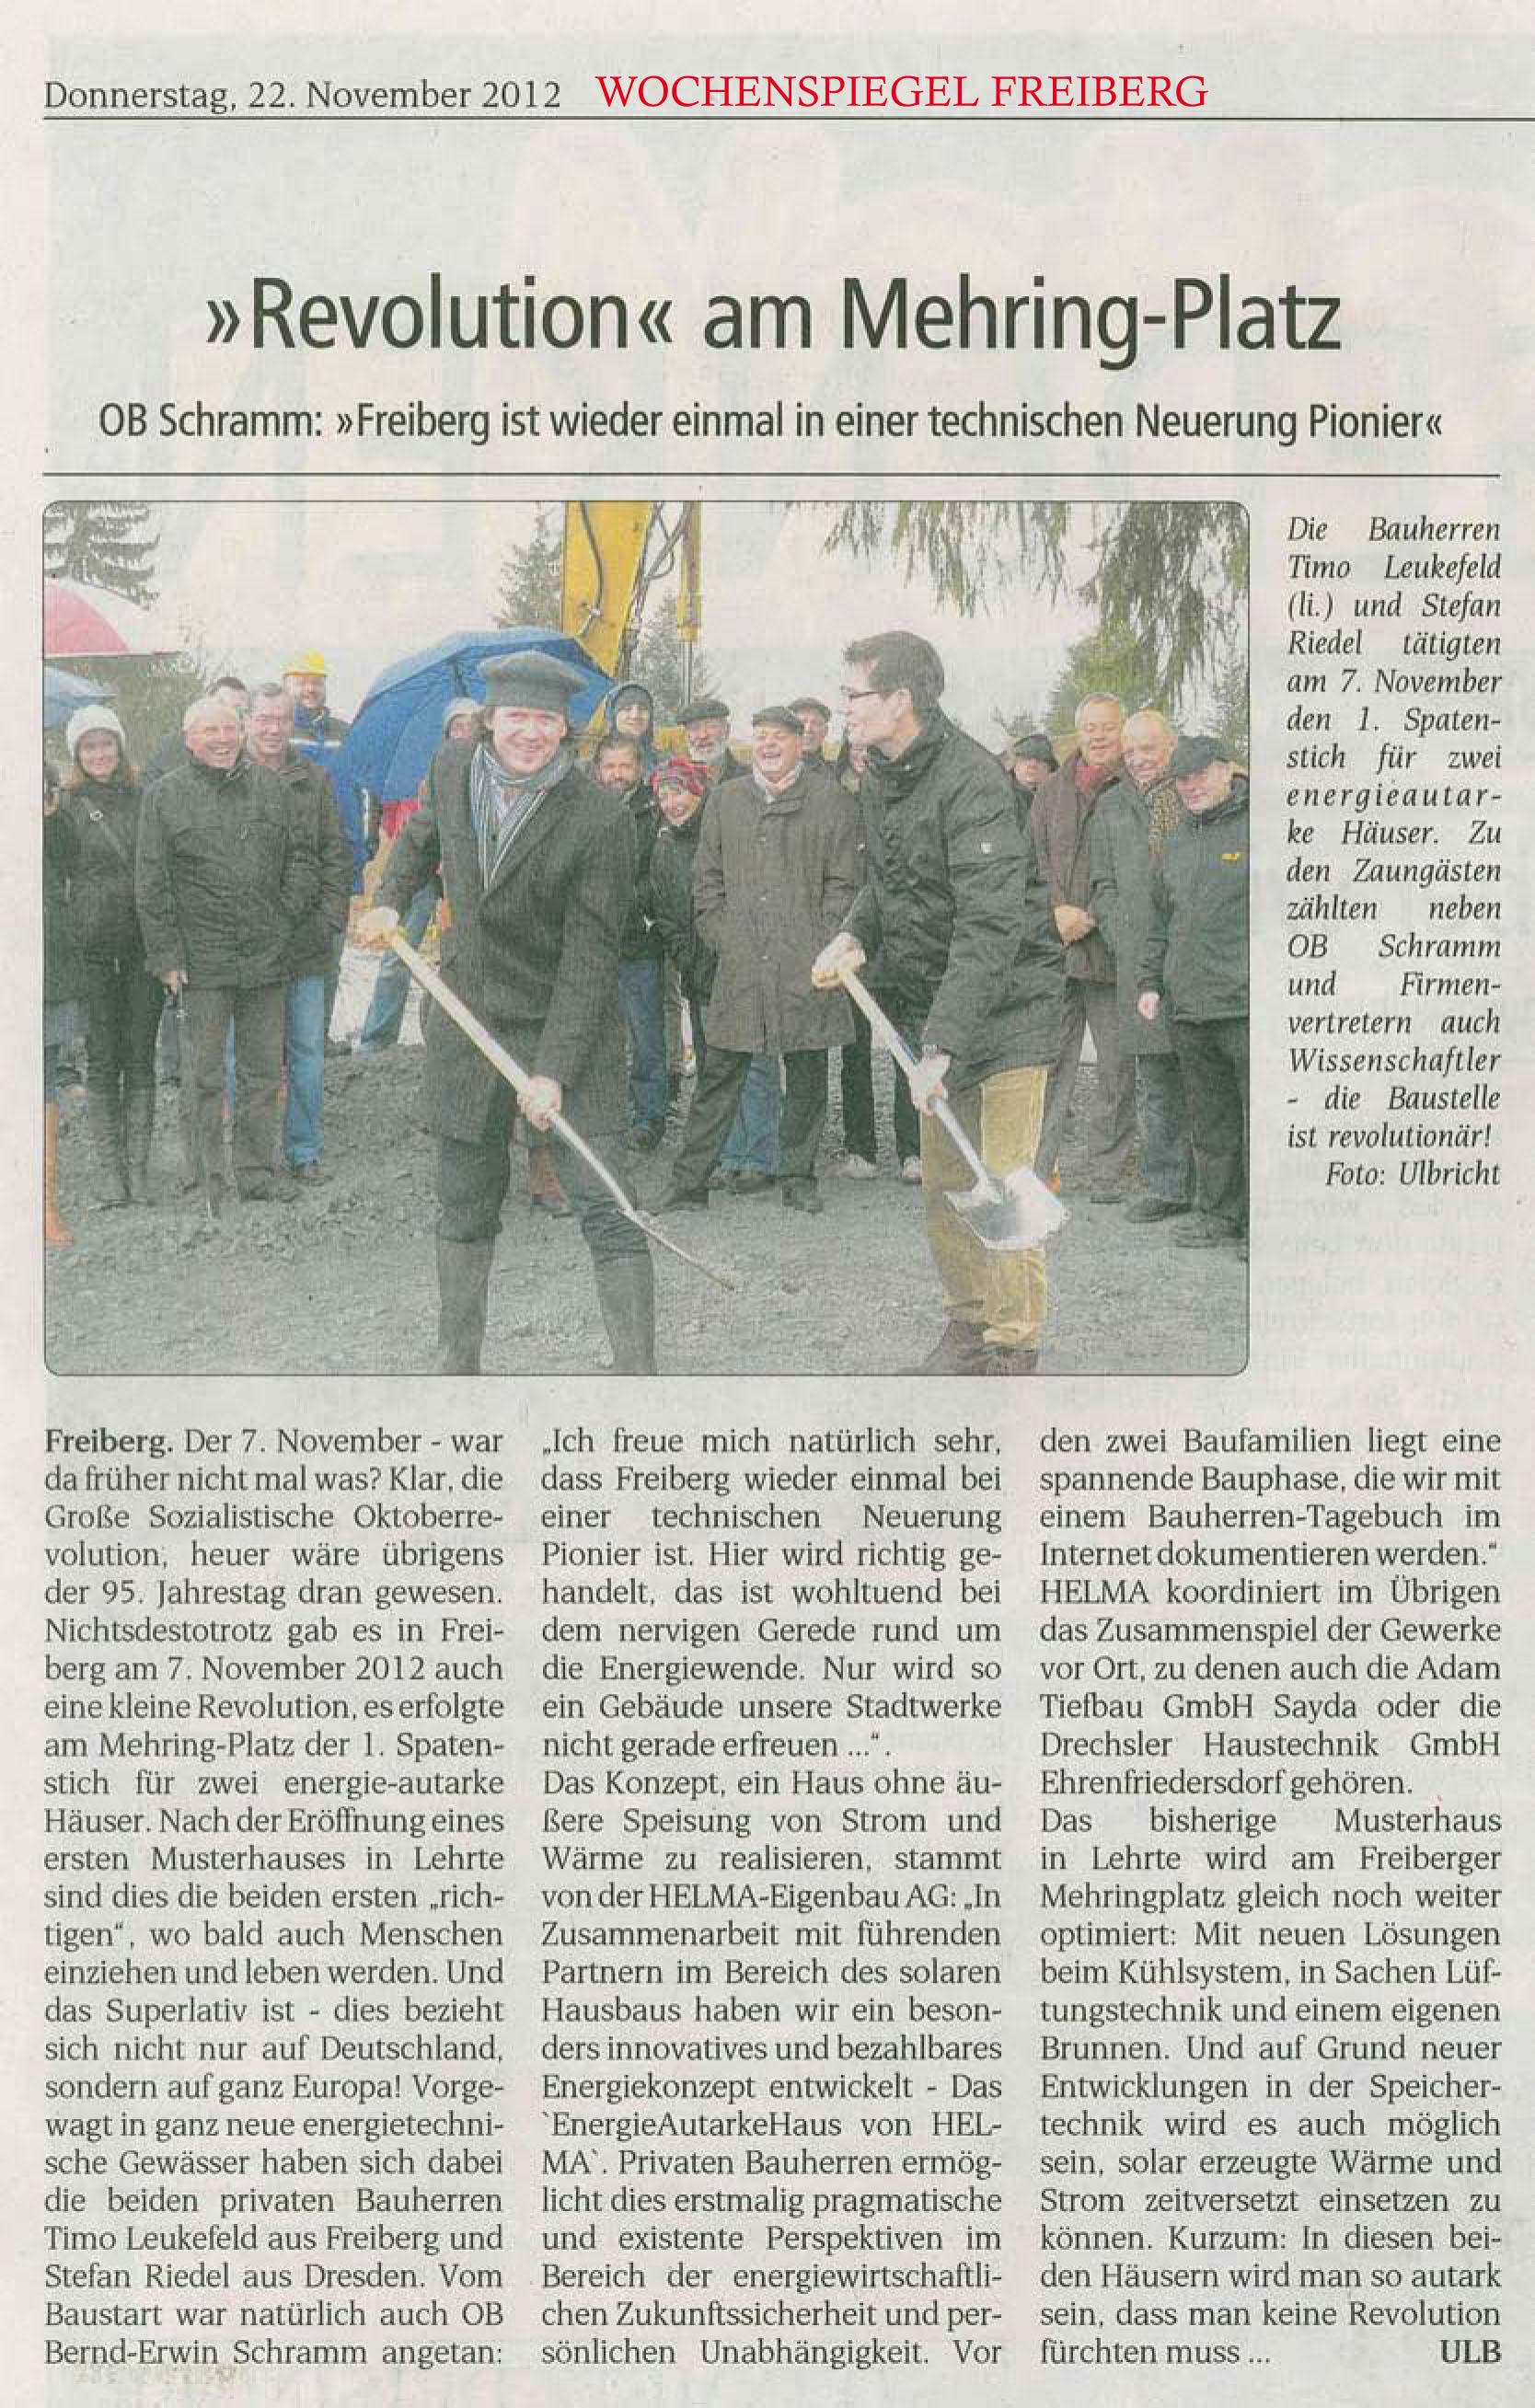 Wochenspiegel Freiberg, 22. November 2012